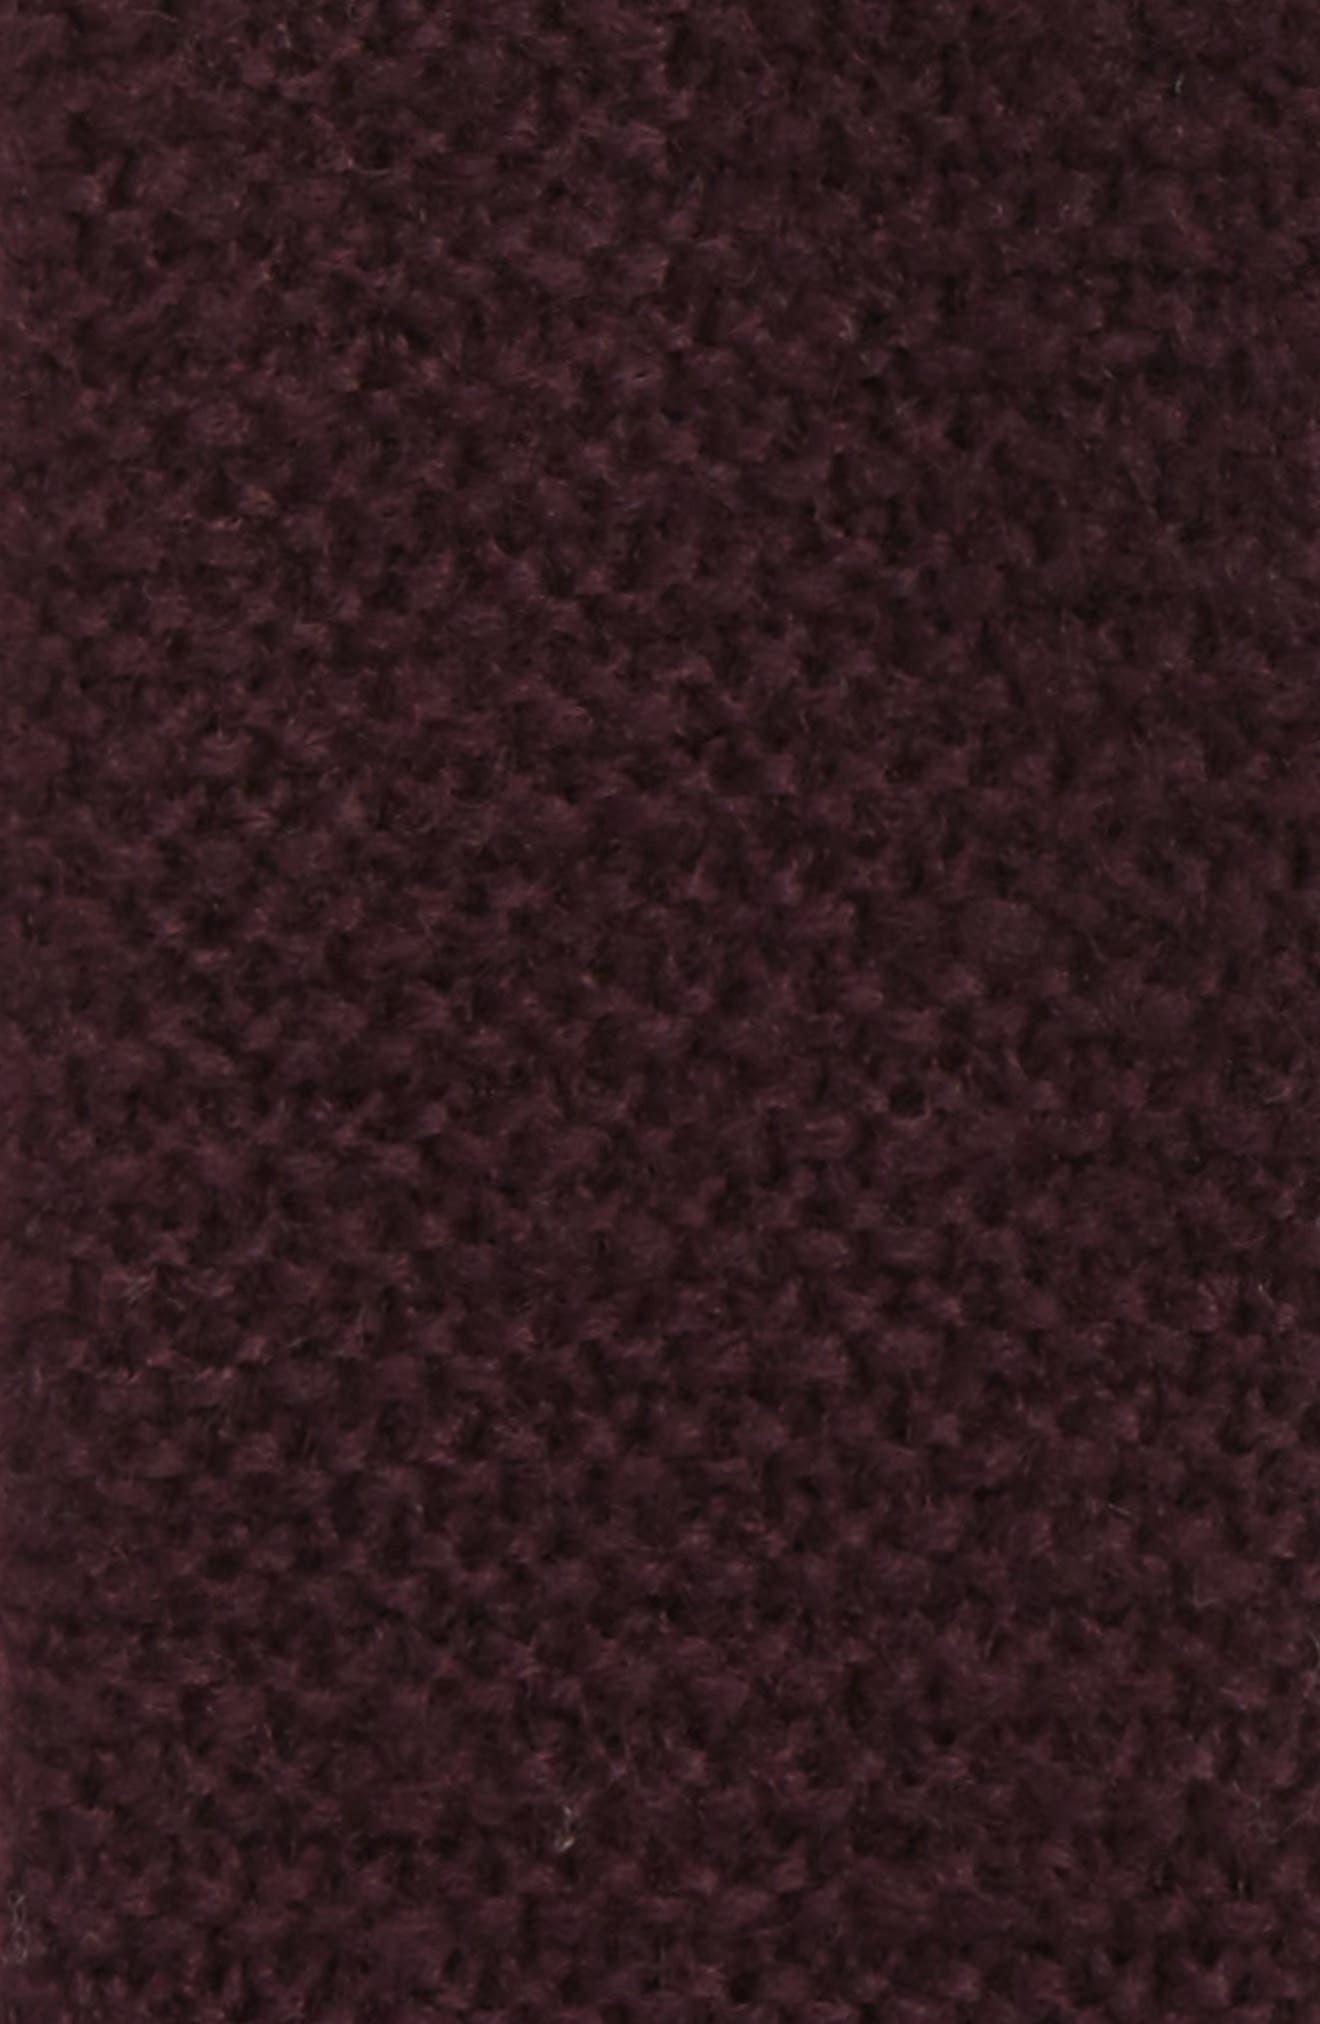 Garter Stitch Fingerless Gloves,                             Alternate thumbnail 9, color,